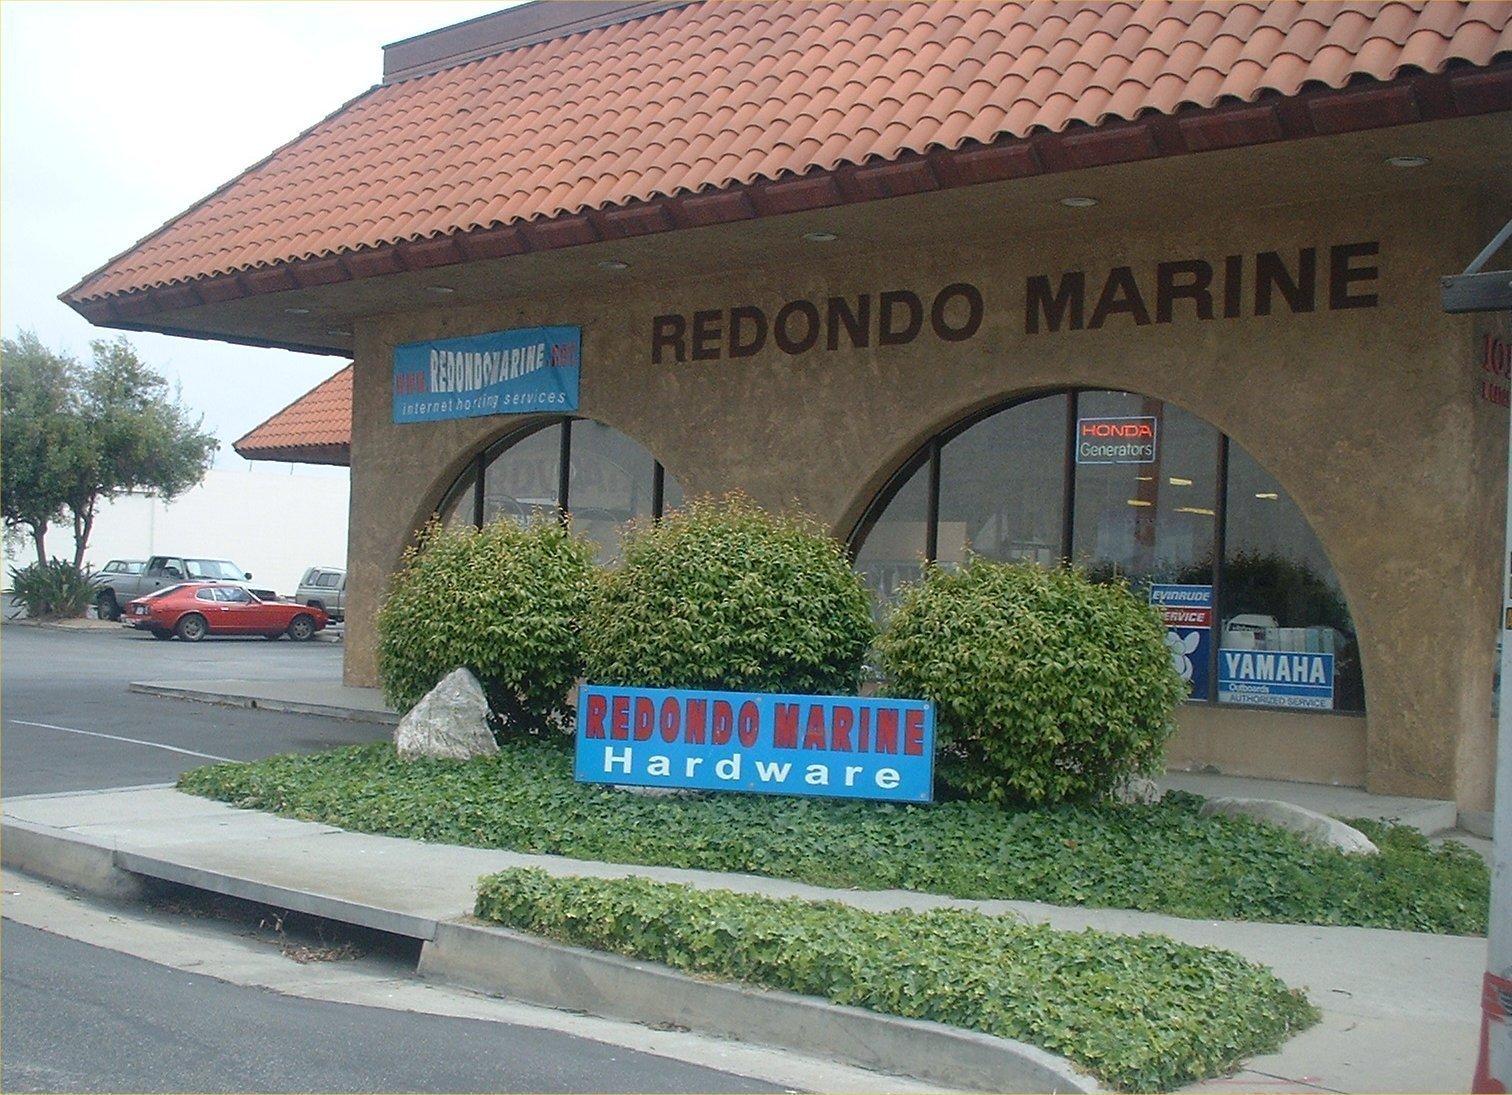 MARINE 4 redondo BEACH marina - since 1924 in redondo ...